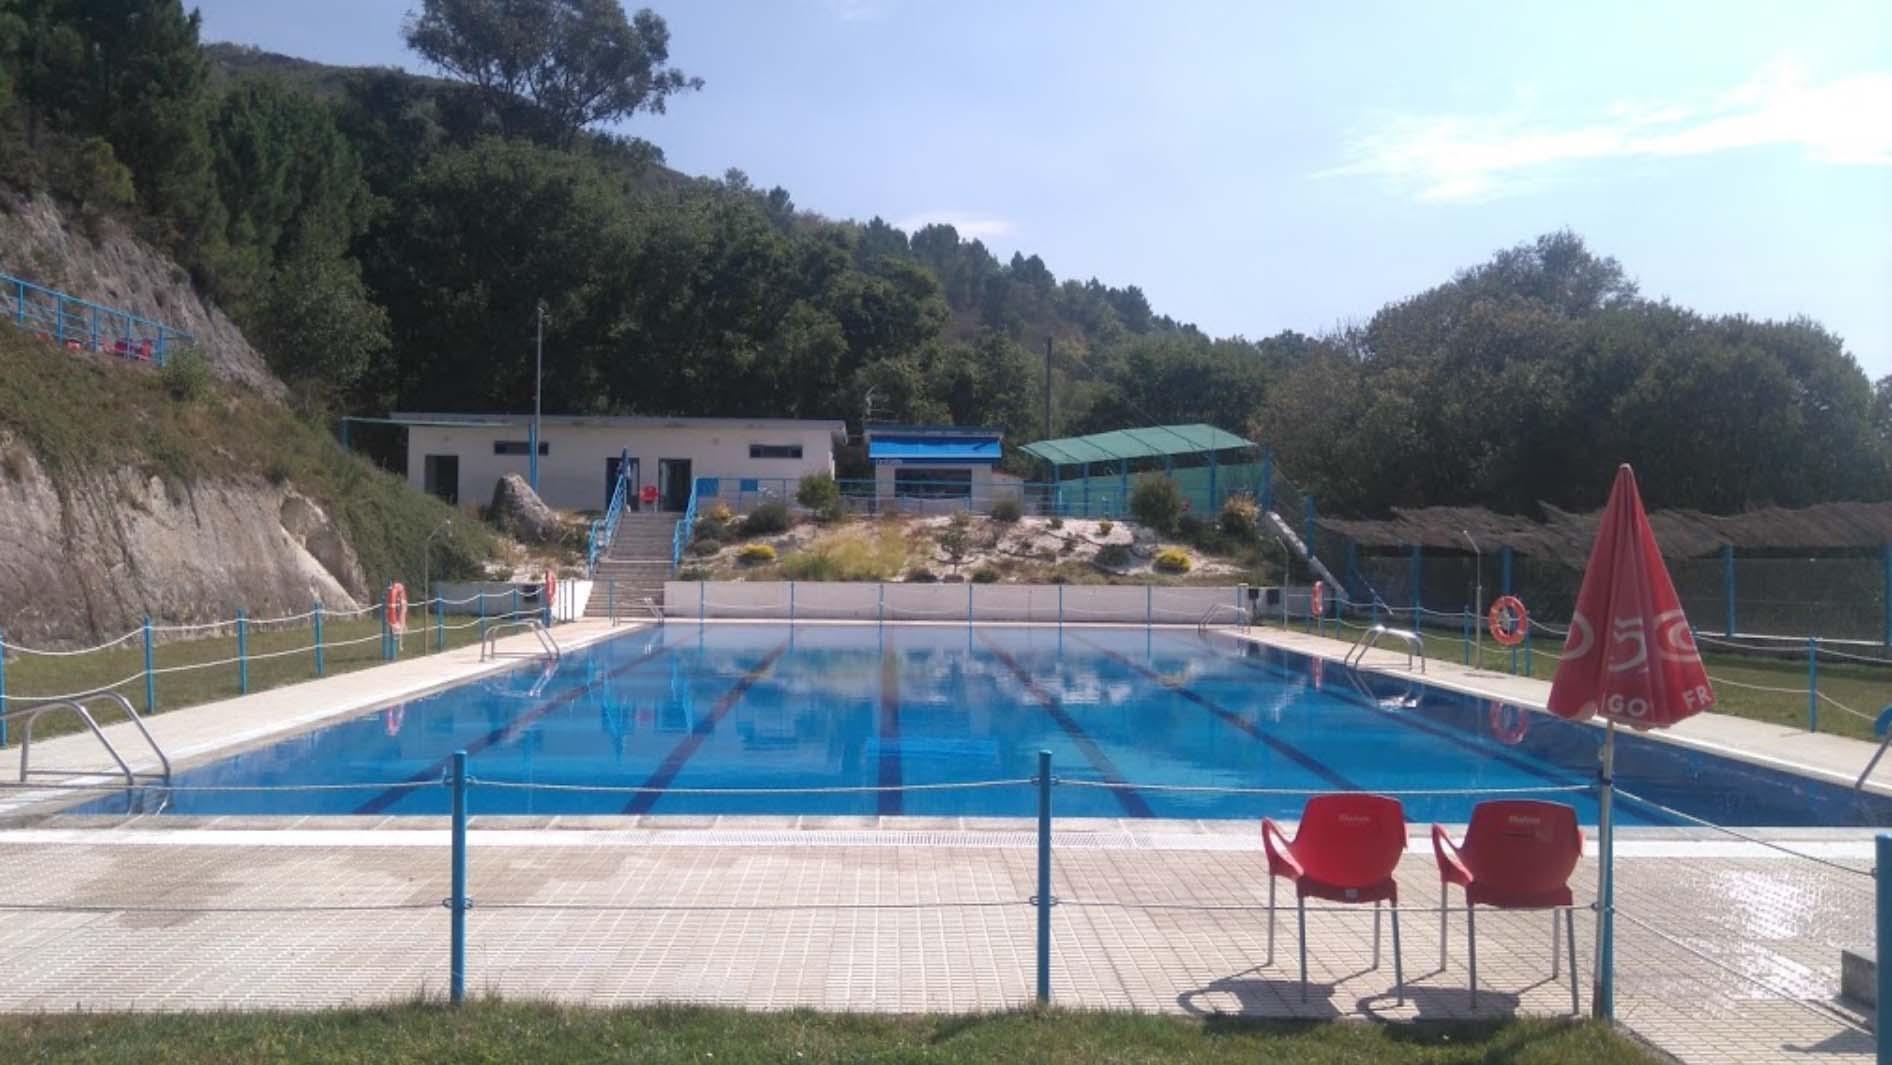 concello-de-esgos-piscinas-municipais-02